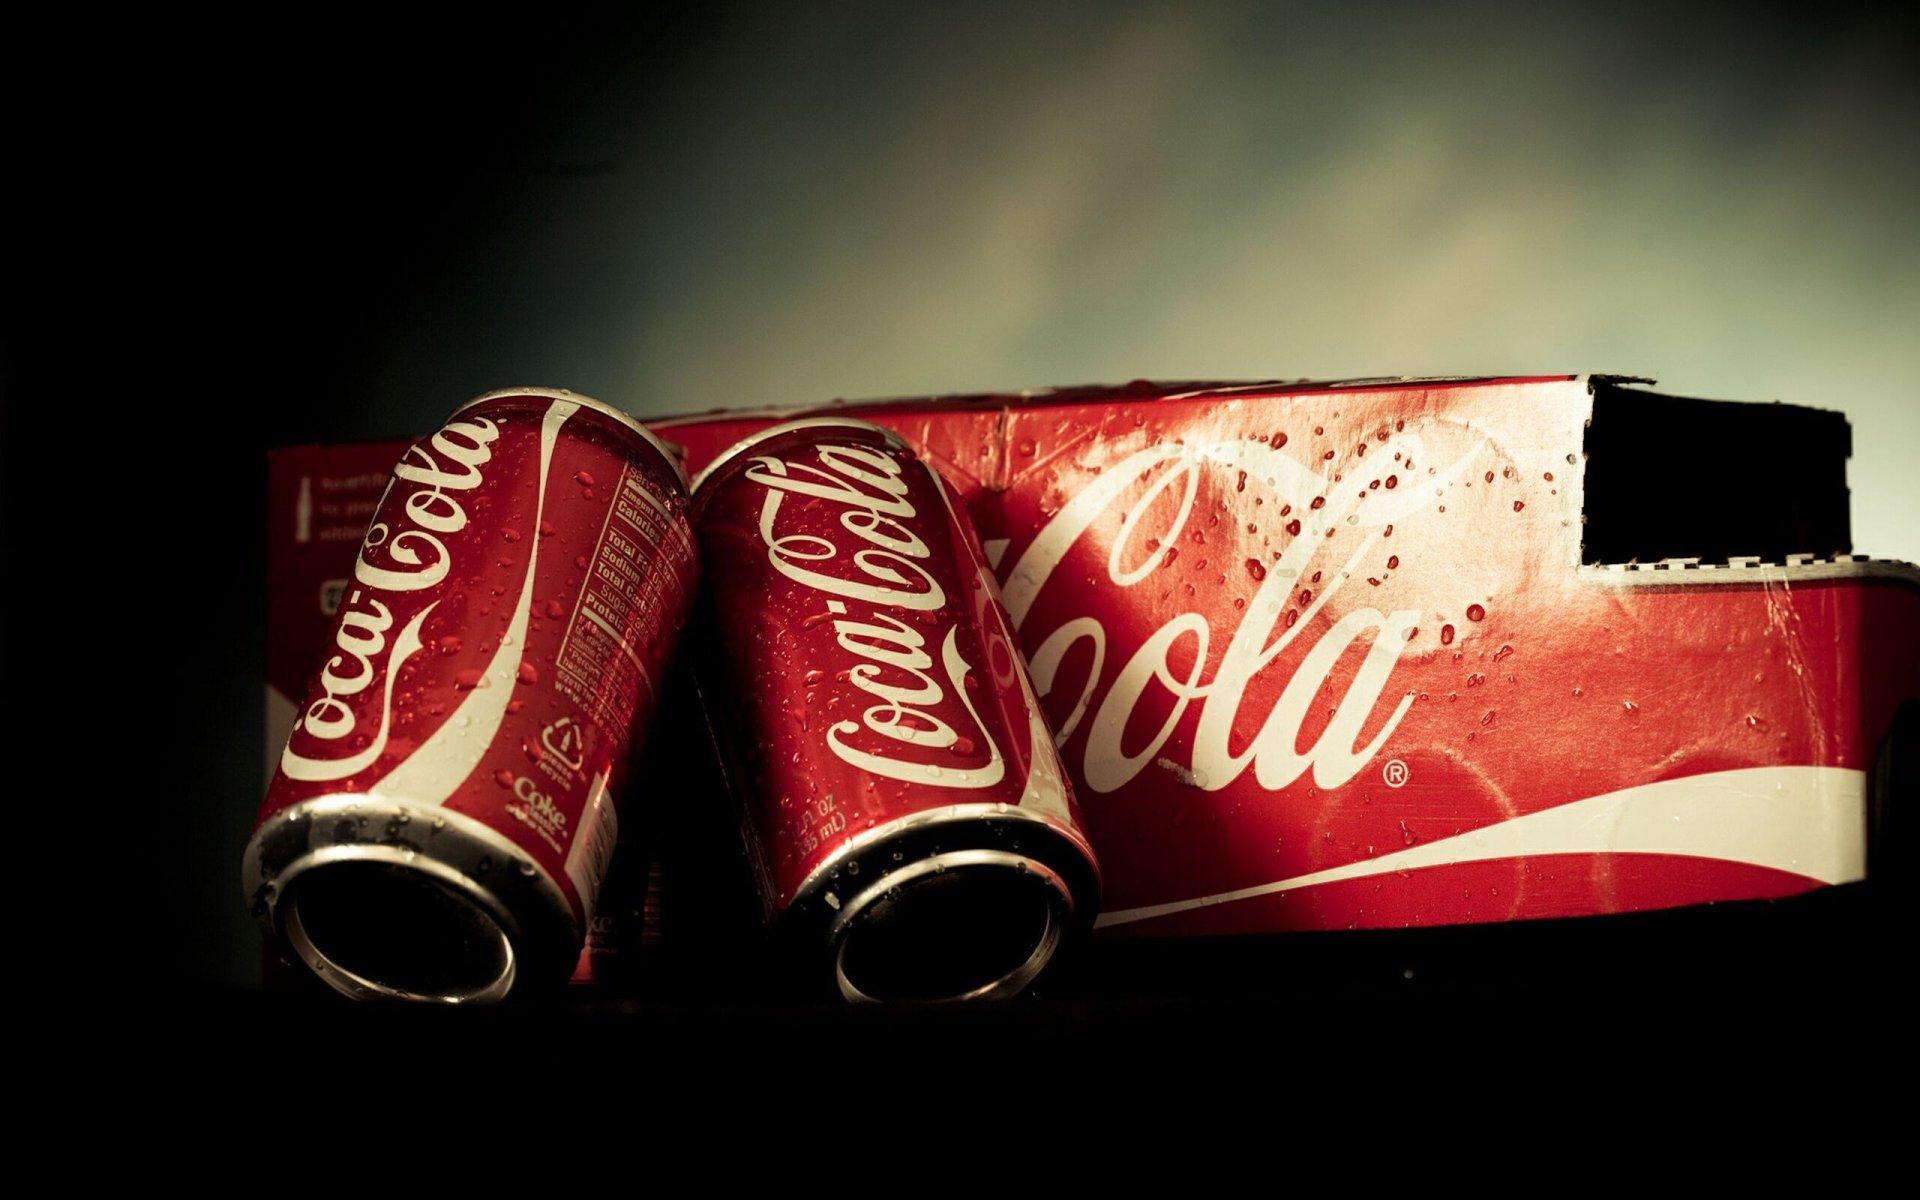 Продукты - Coca Cola  Обои